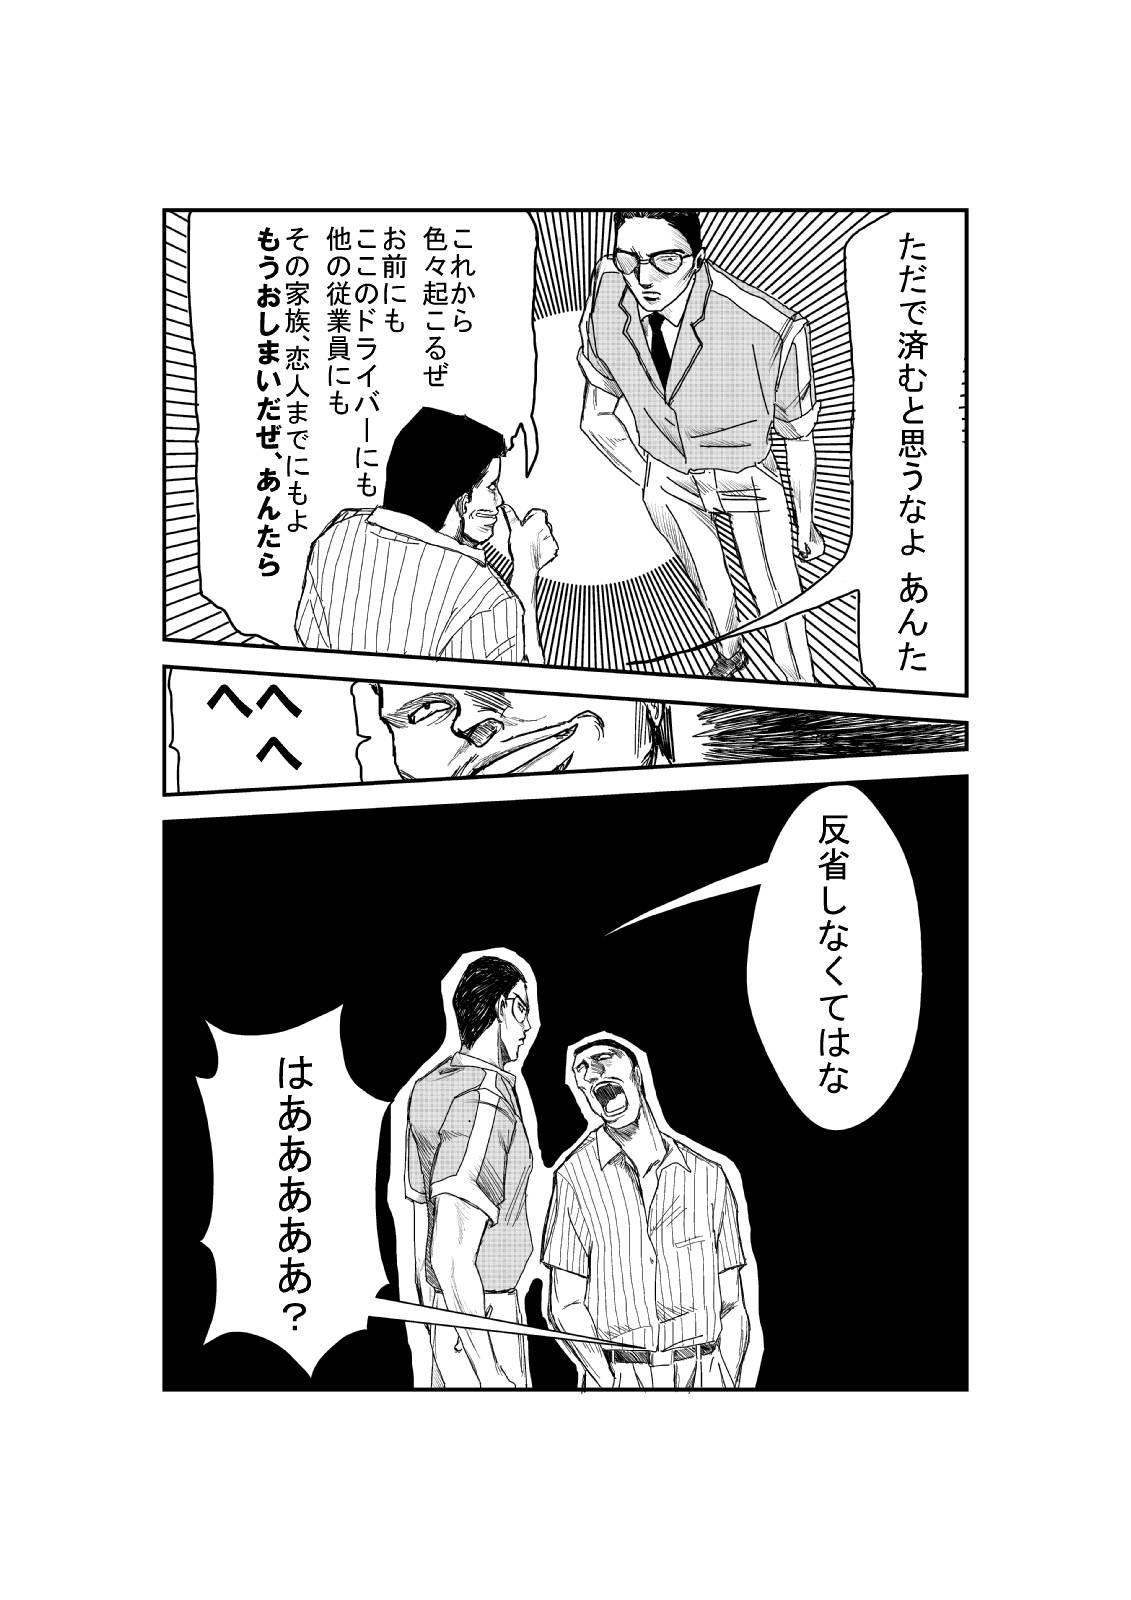 『アスファルト上のニーチェ』P10円城京一と遠藤ユキ さやえんどう21